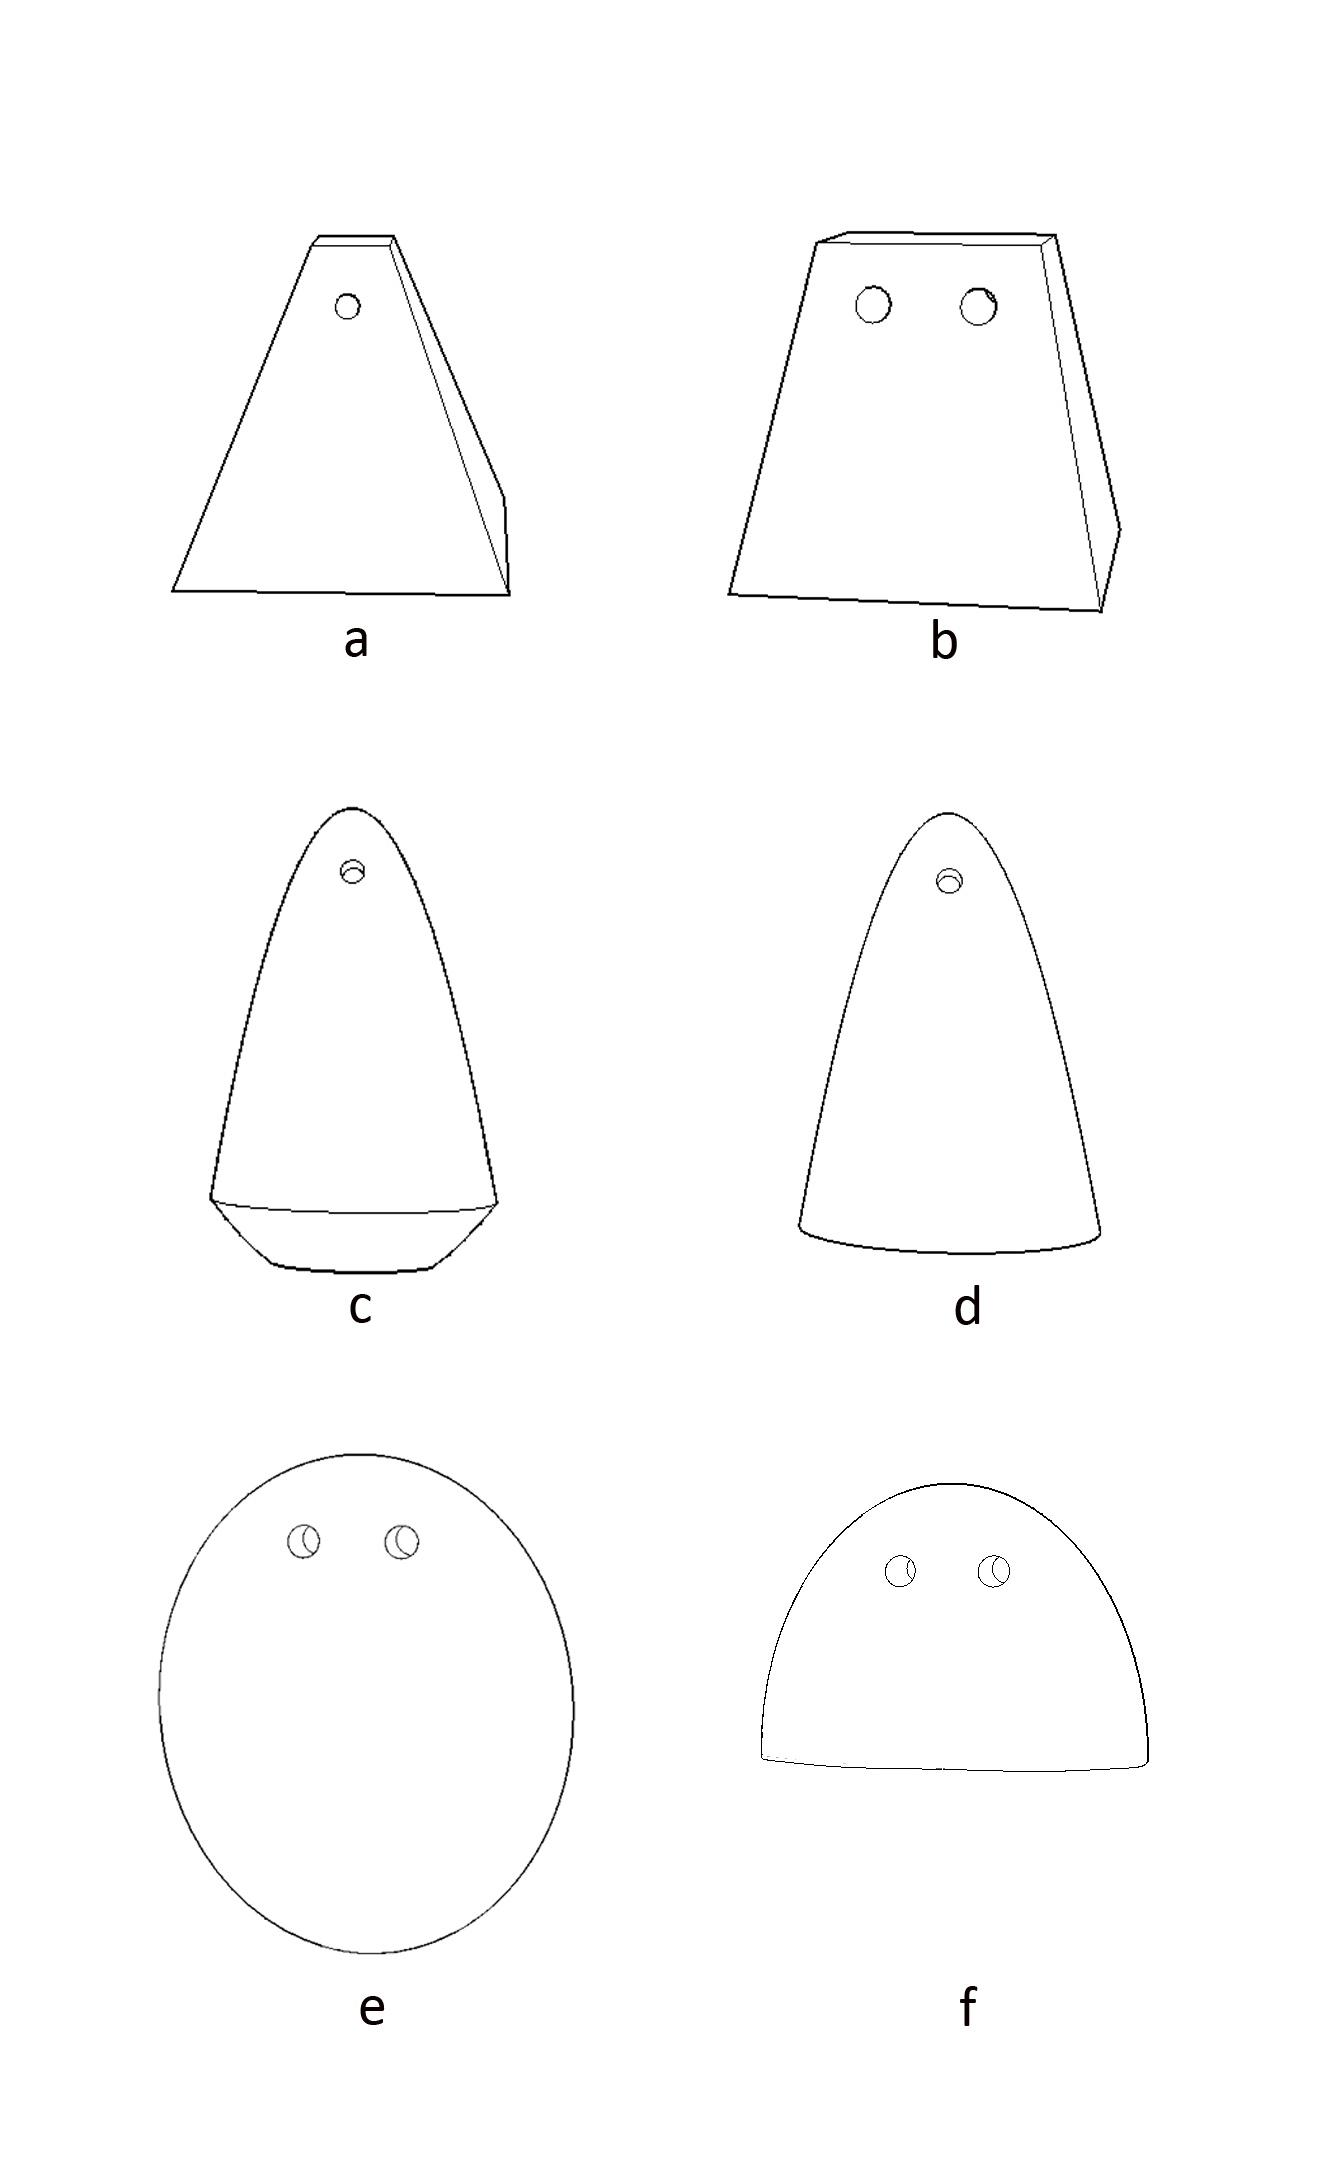 Σχήματα αγνύθων.